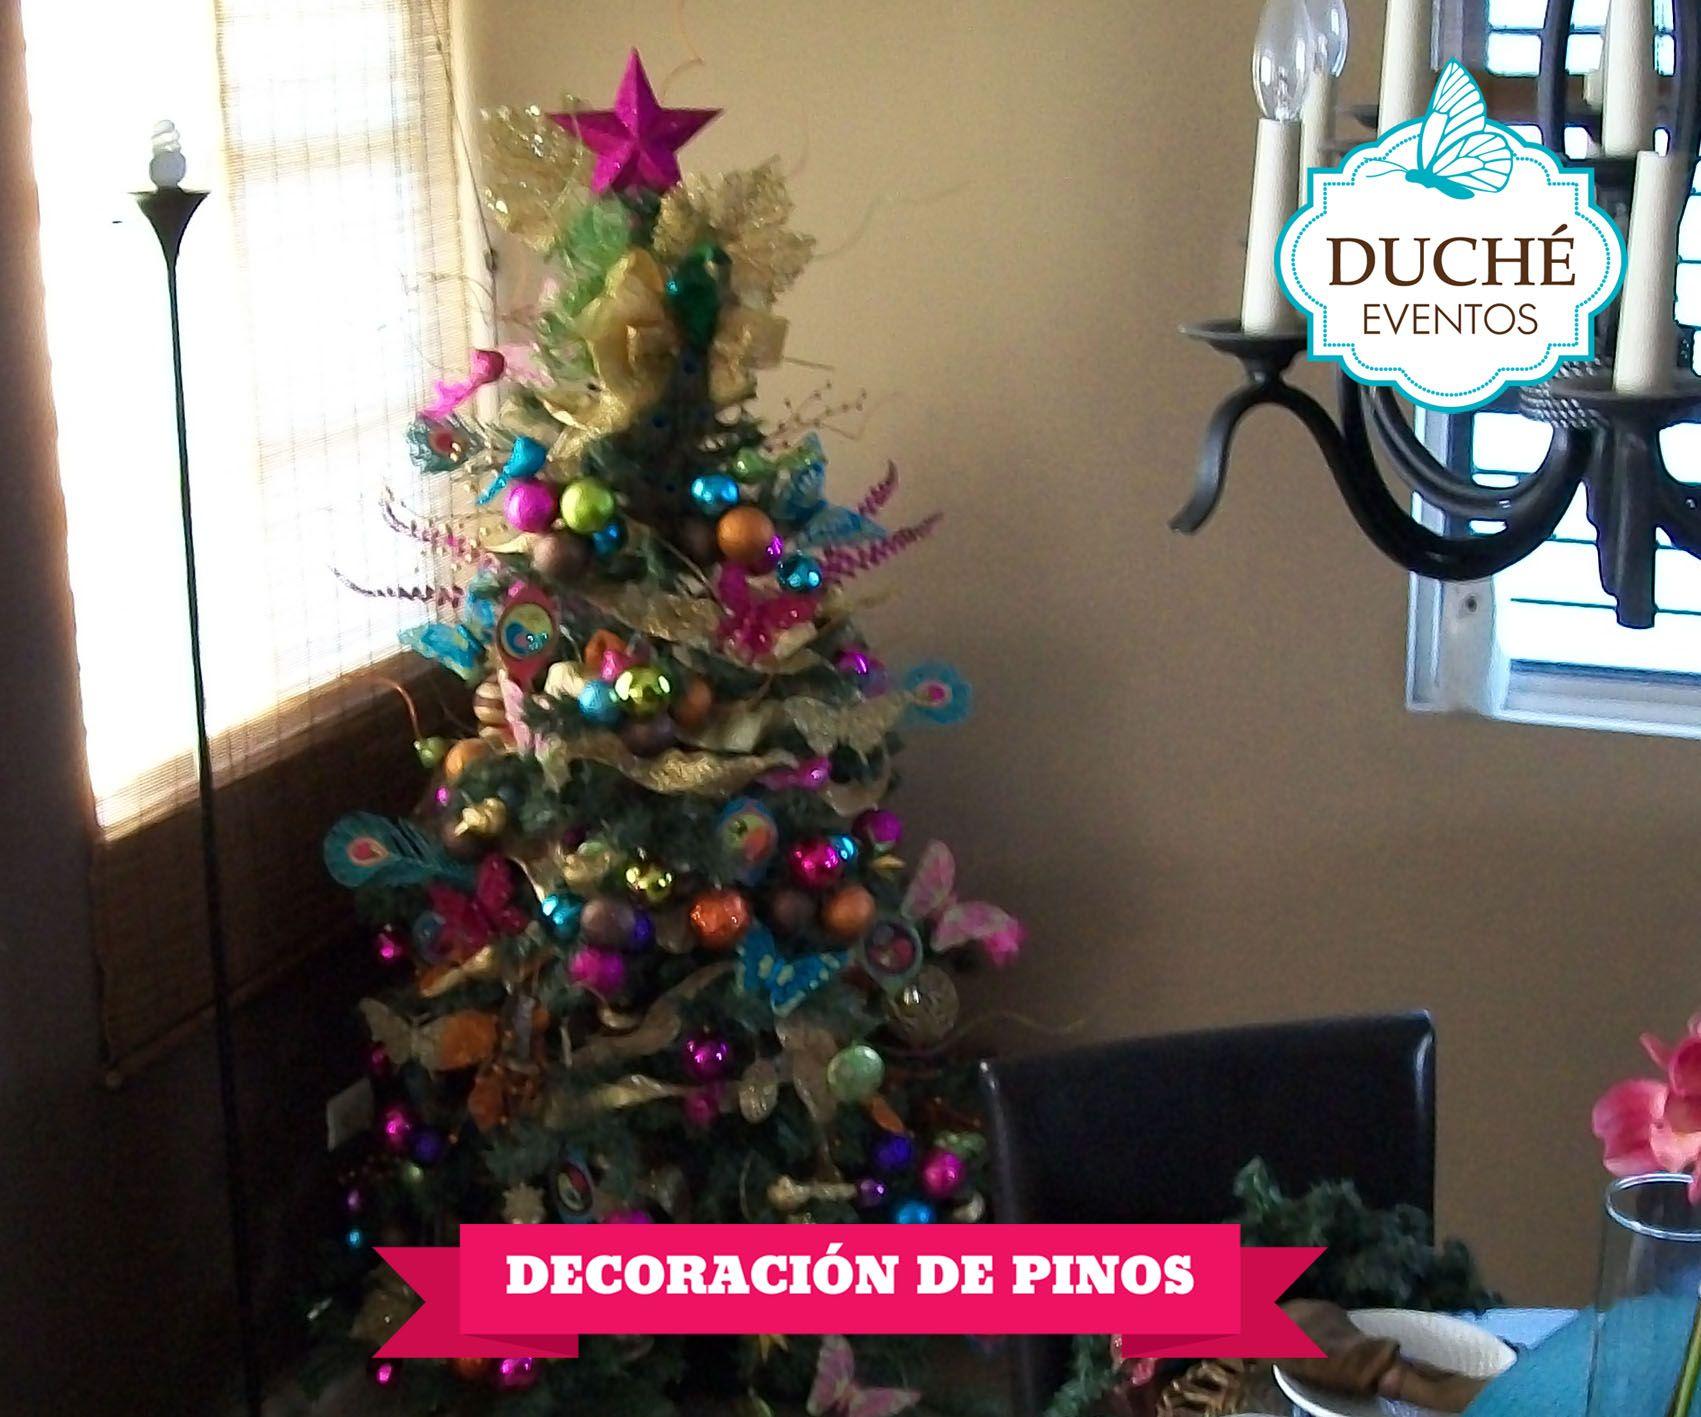 Decoración de pinos navideños sociales.duche@gmail.com